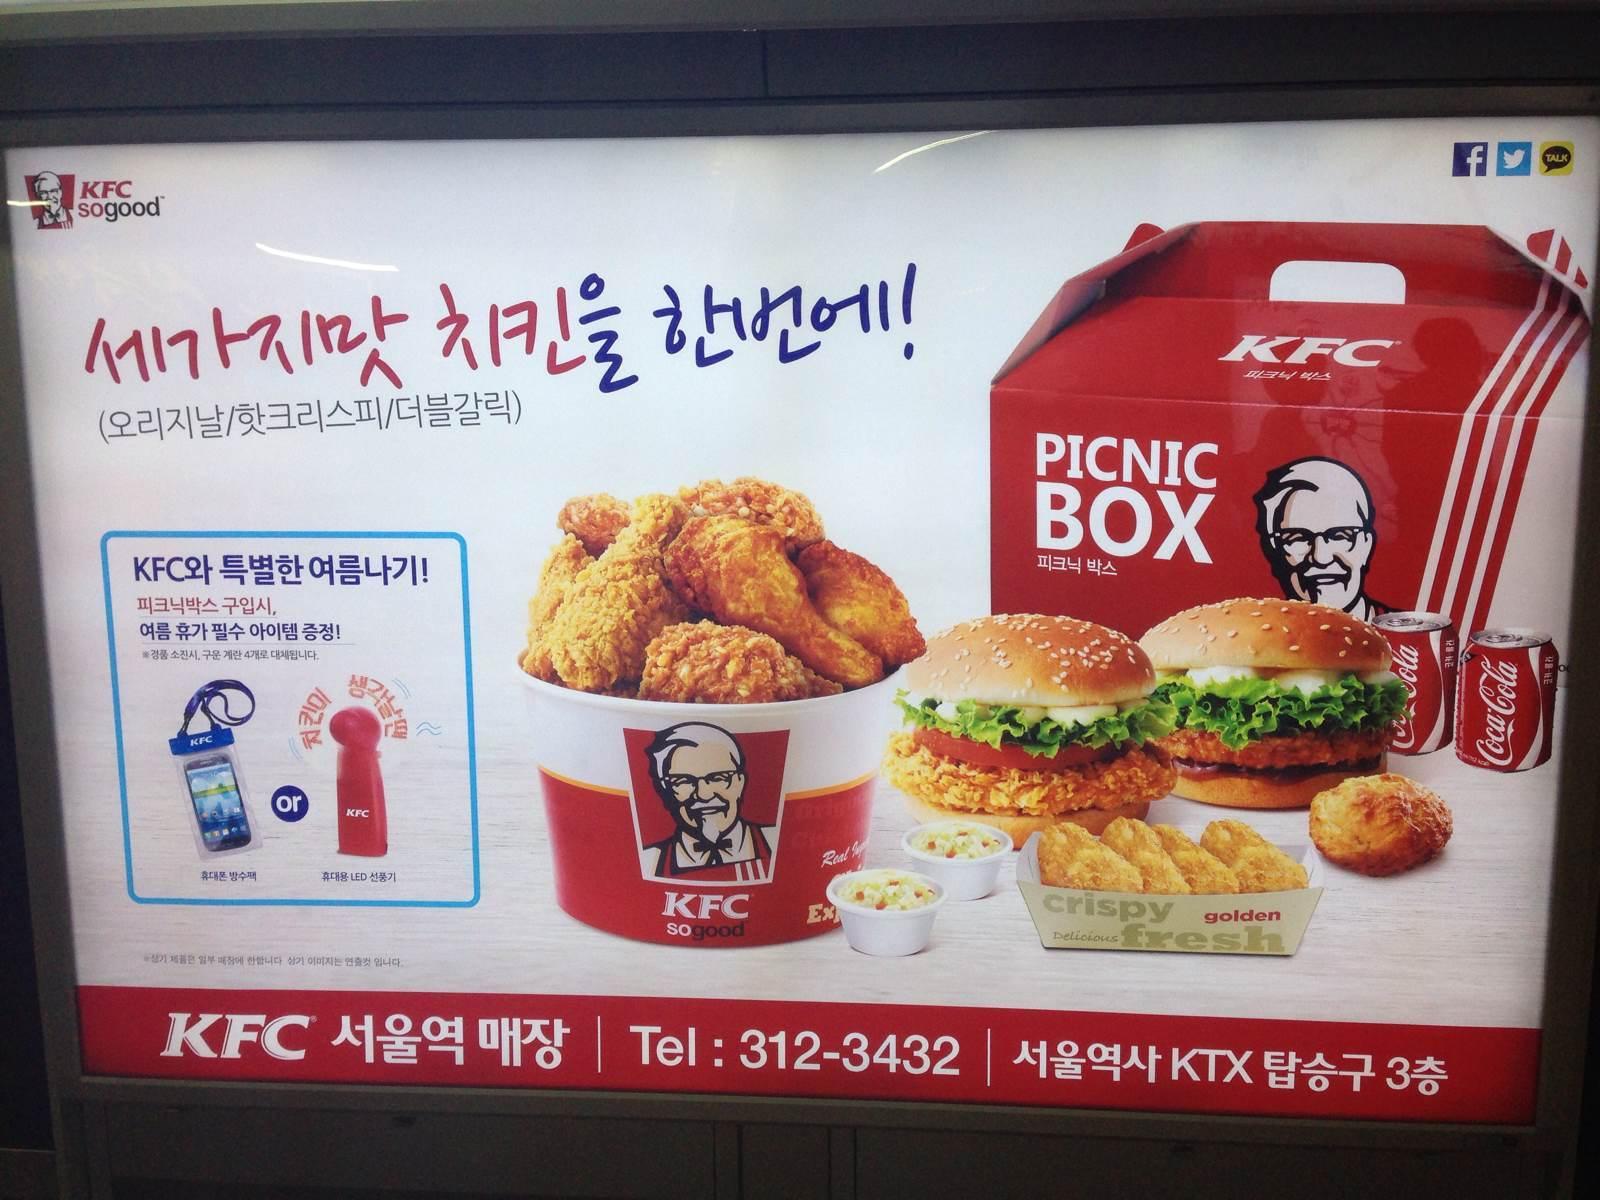 韩国kfc没有全家桶只有野餐桶啊